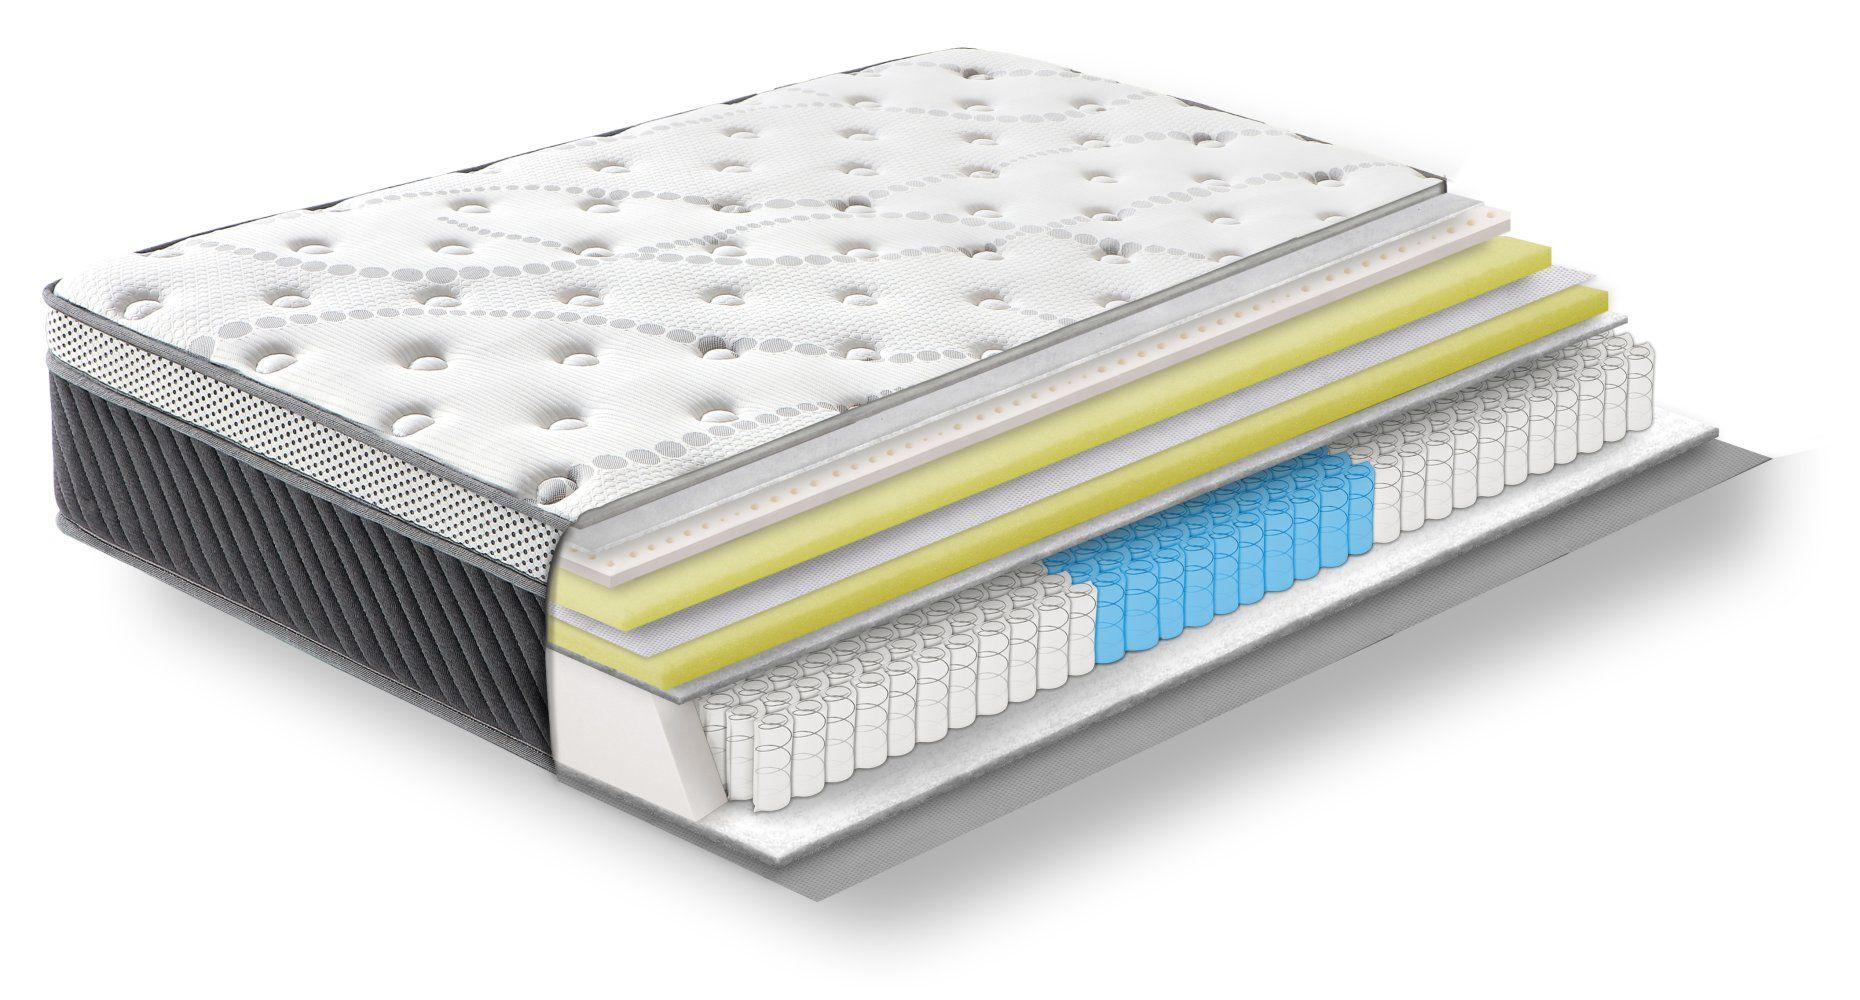 Steiner Premium matras Cozy met 3-zone pocketveren kern - afmeting: 140 x 200 cm, hardheidsgraad H4, hoogte: 25 cm